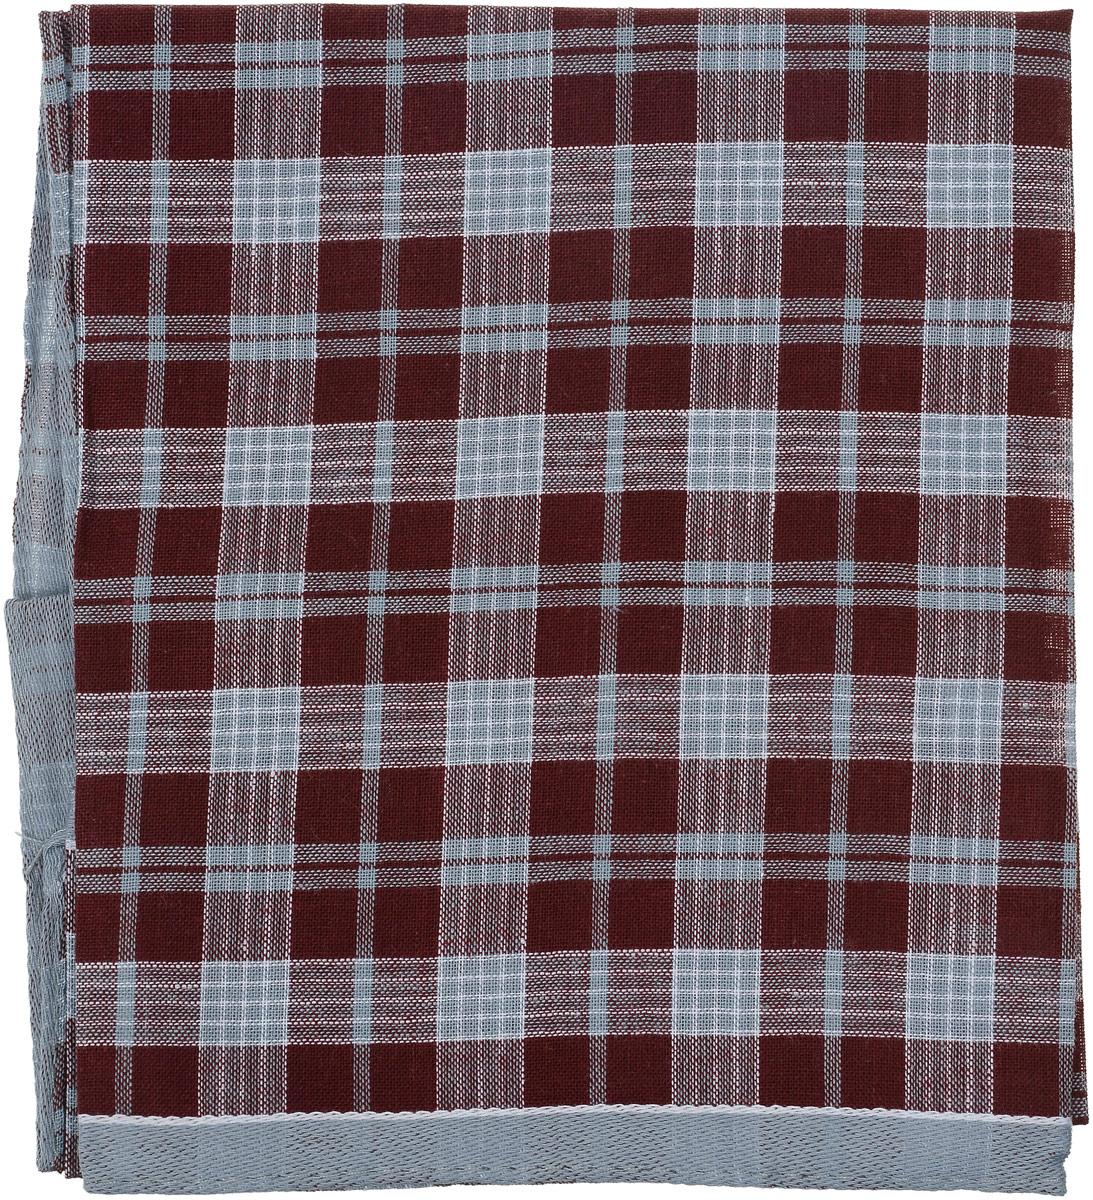 Платок носовой мужской Zlata Korunka, цвет: бордовый, серый. 45495. Размер 27 х 27 см45495_бордовый, серыйПлаток носовой мужской Zlata Korunka выполнен из 100% хлопка и имеет оригинальный дизайн, подчеркивающий ваш статус. Размер 27 х 27 см